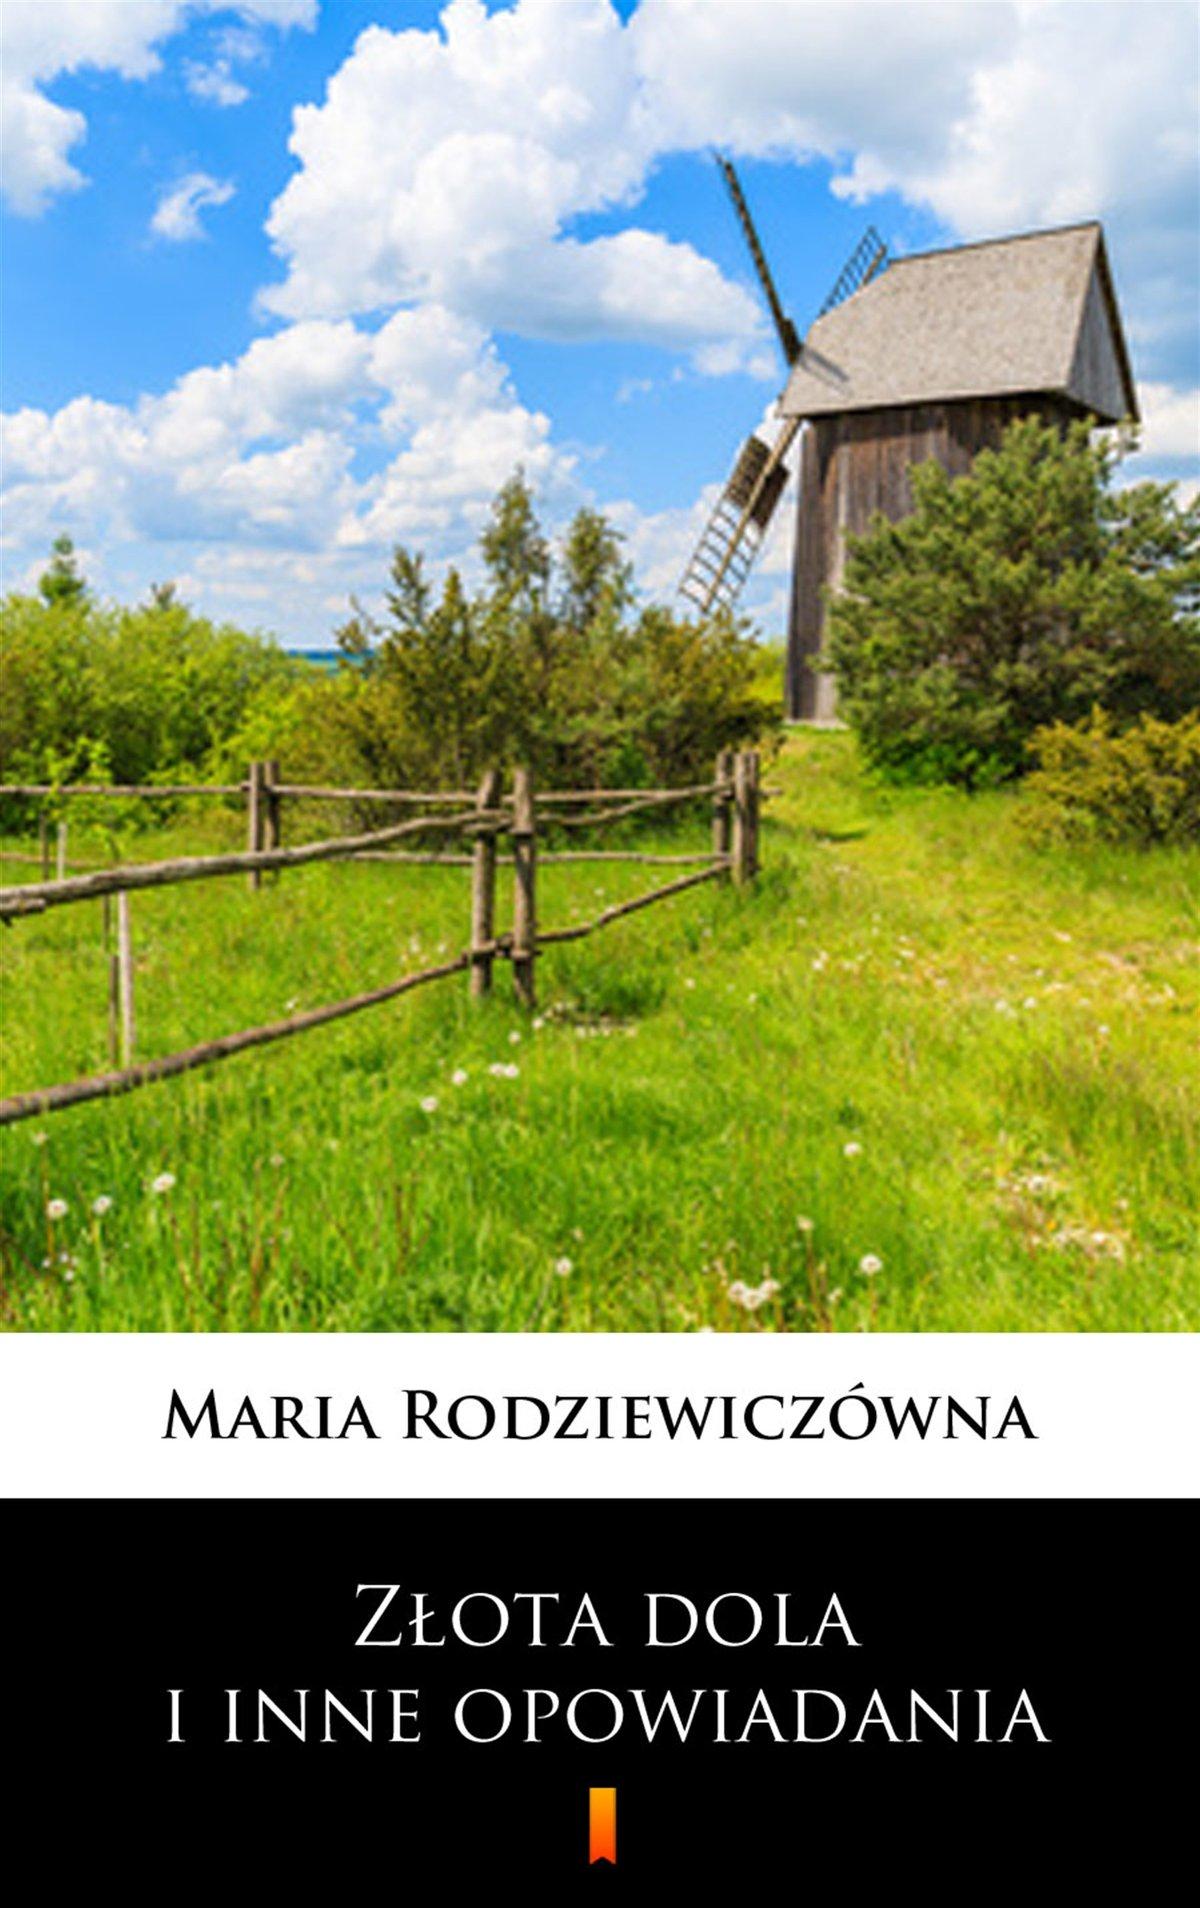 Złota dola i inne opowiadania - Ebook (Książka na Kindle) do pobrania w formacie MOBI